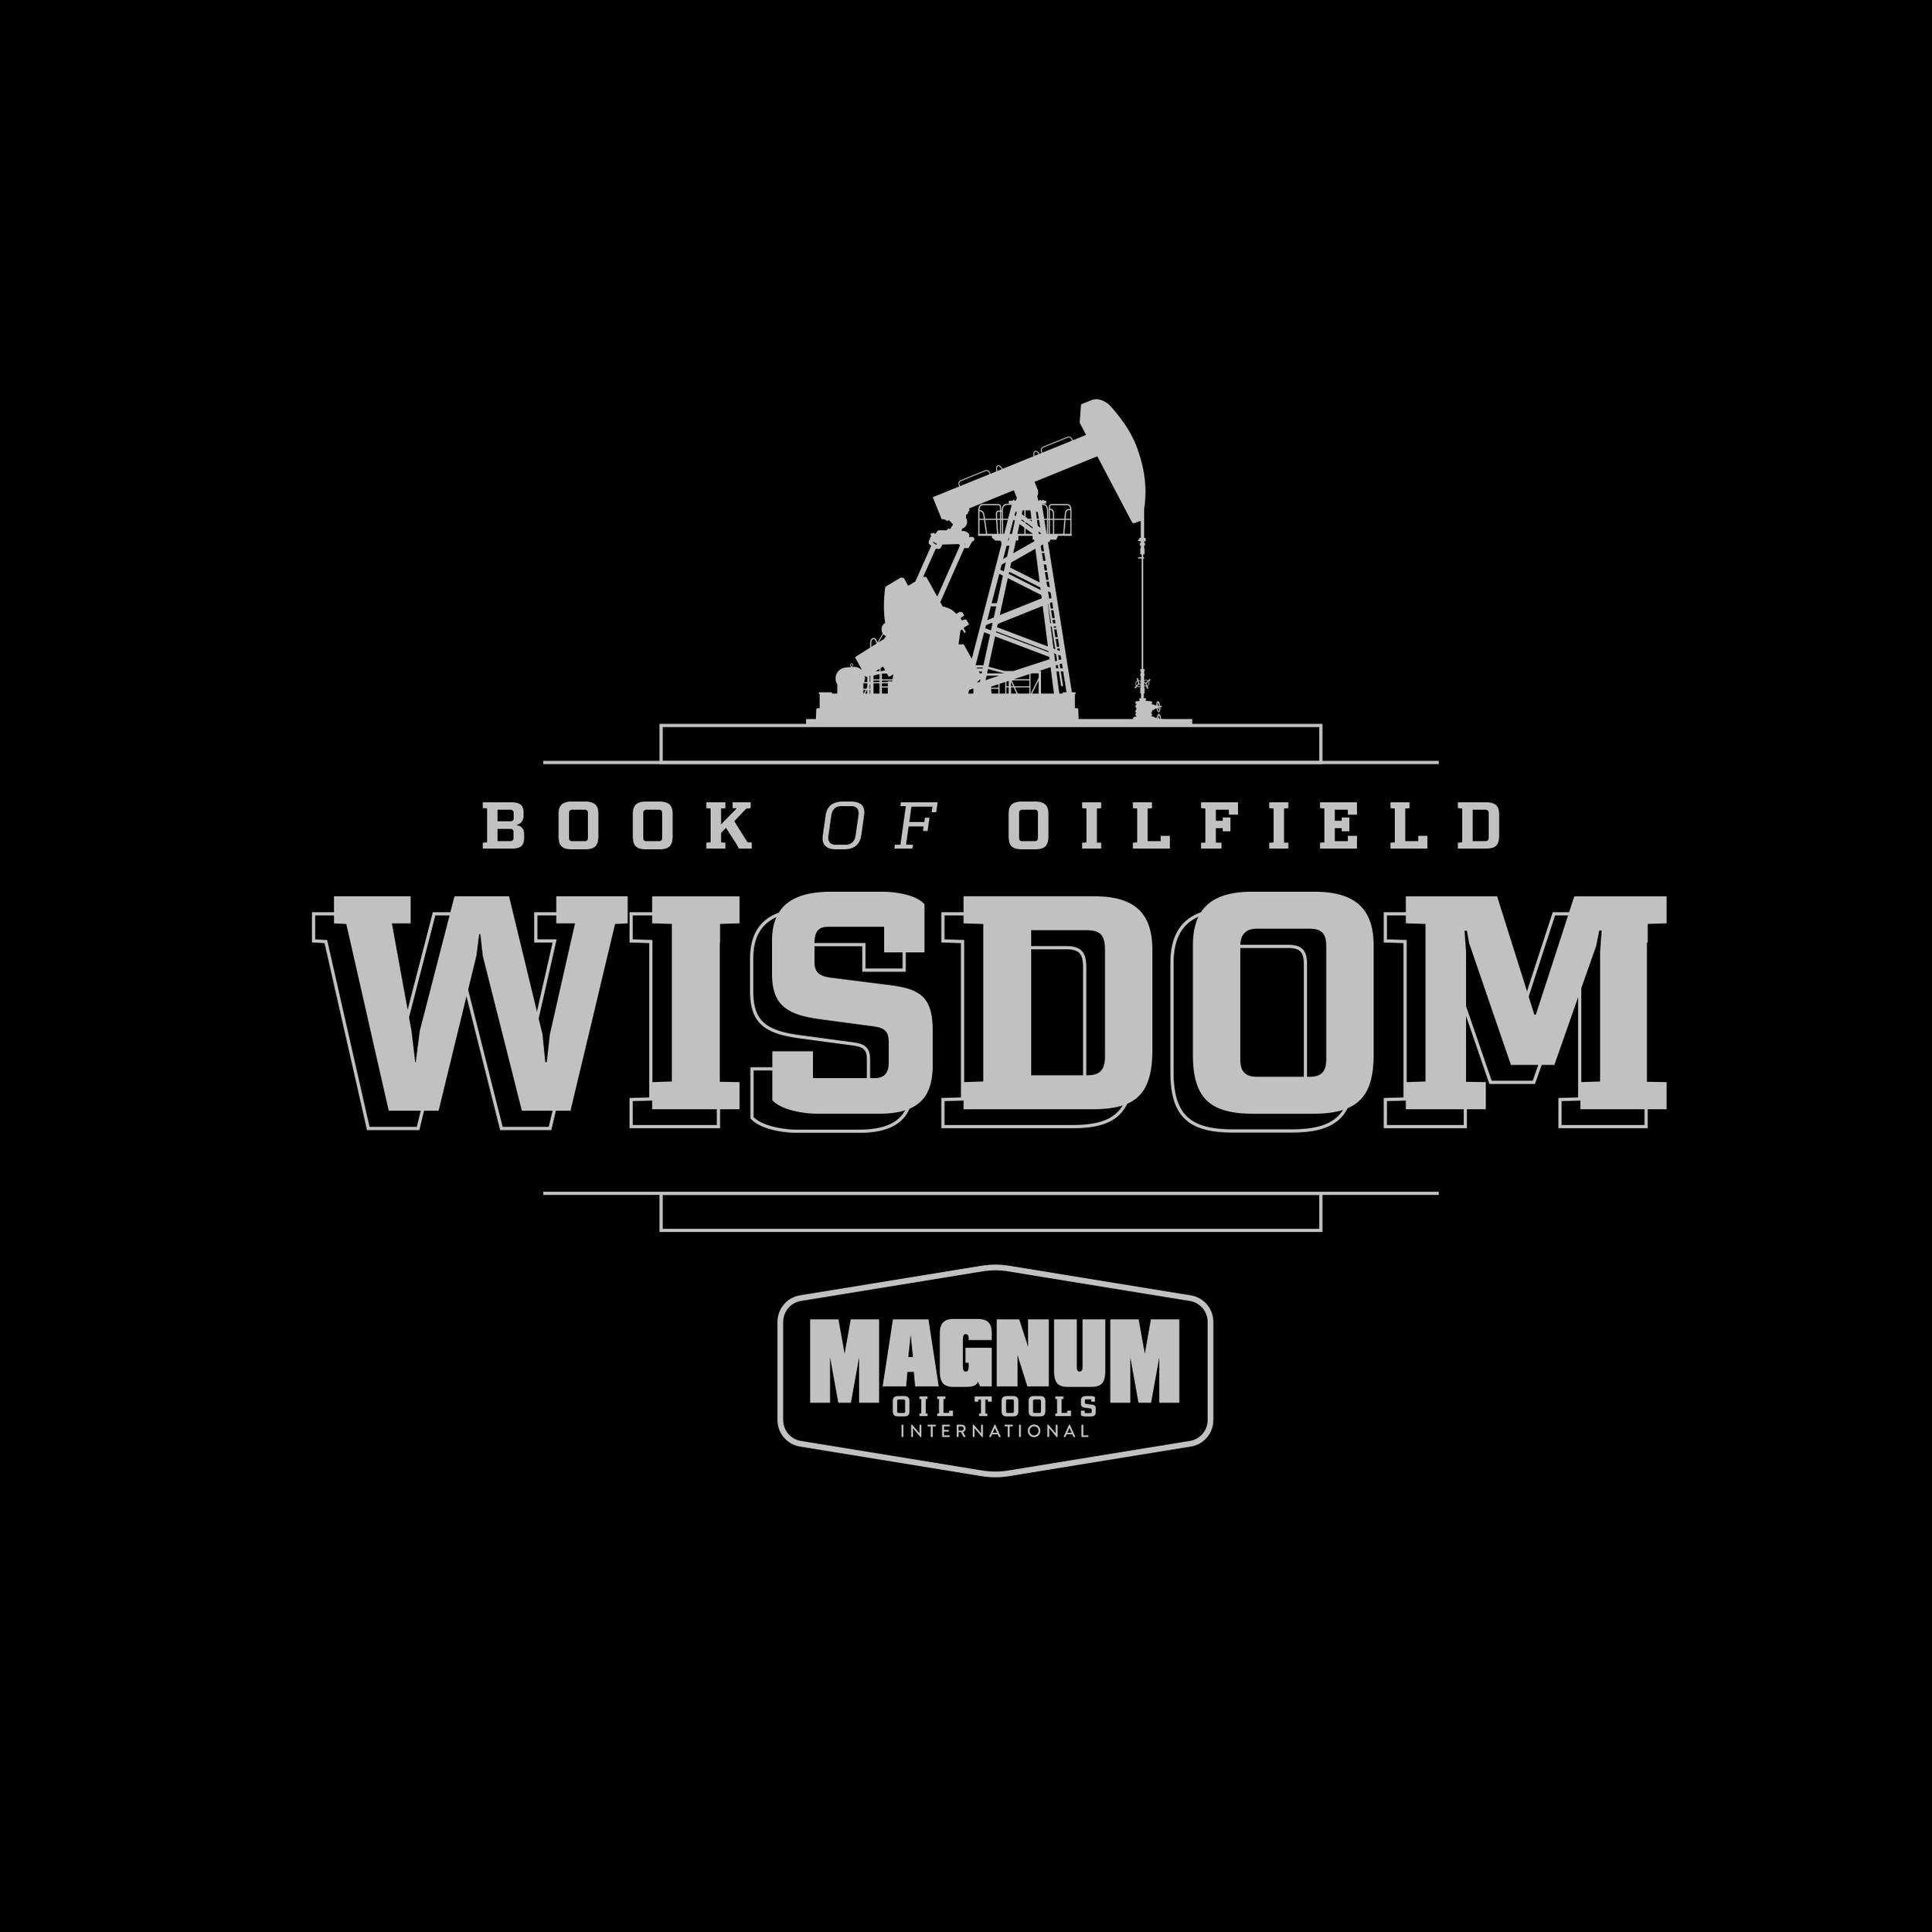 Magnum_Wisdom_Cover_cv_v01-2.jpg